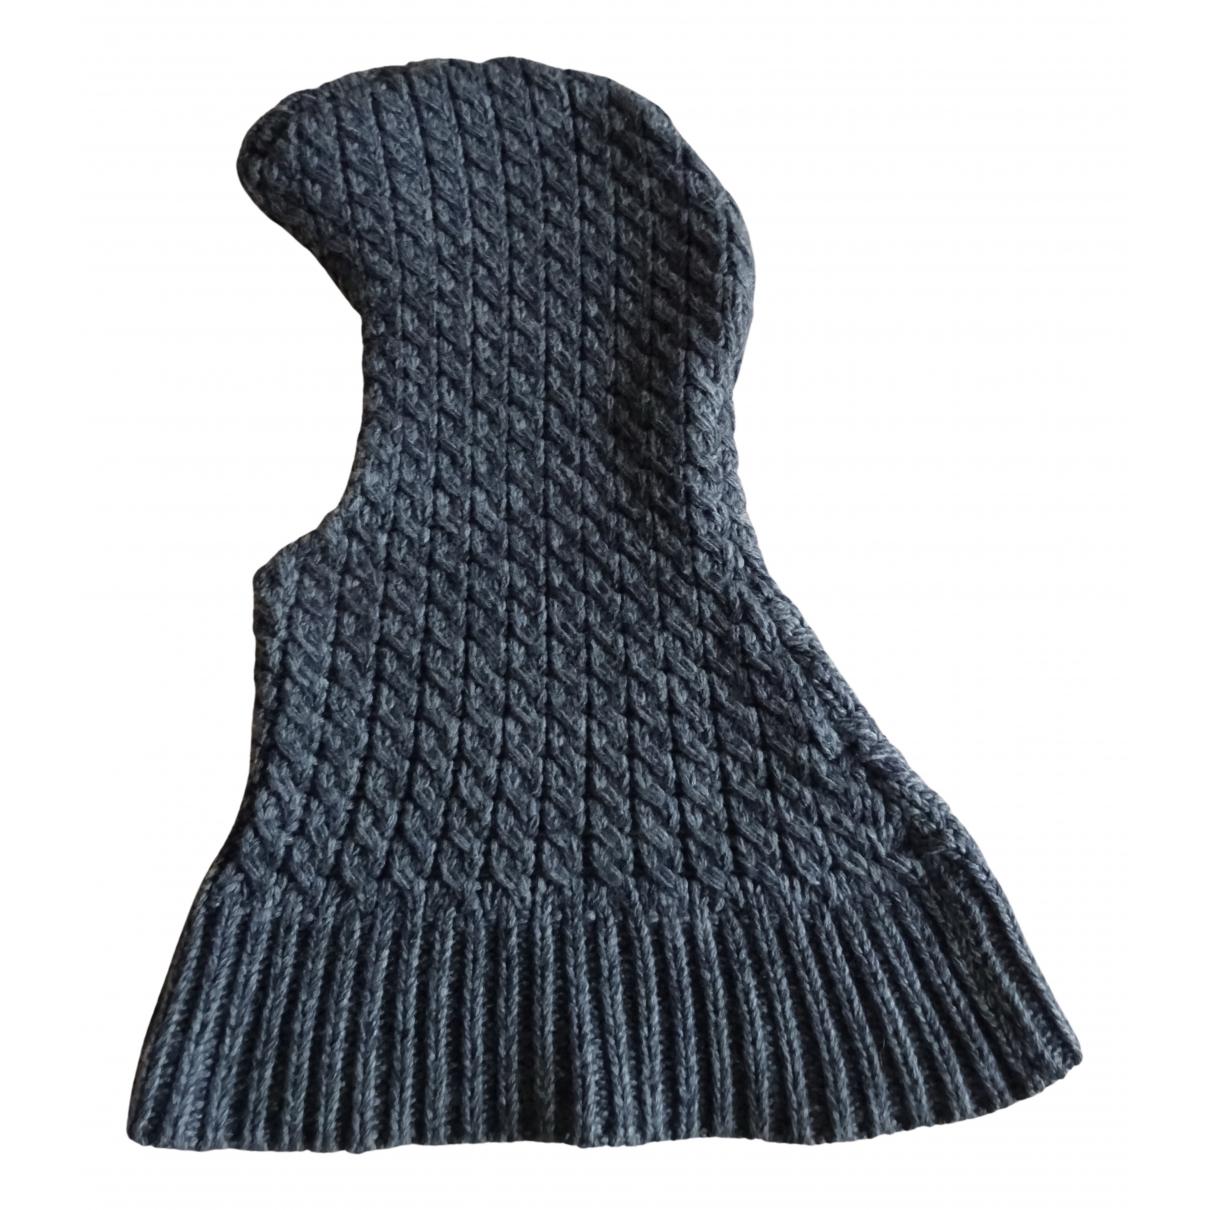 Dolce & Gabbana - Chapeau & Bonnets   pour homme en laine - gris